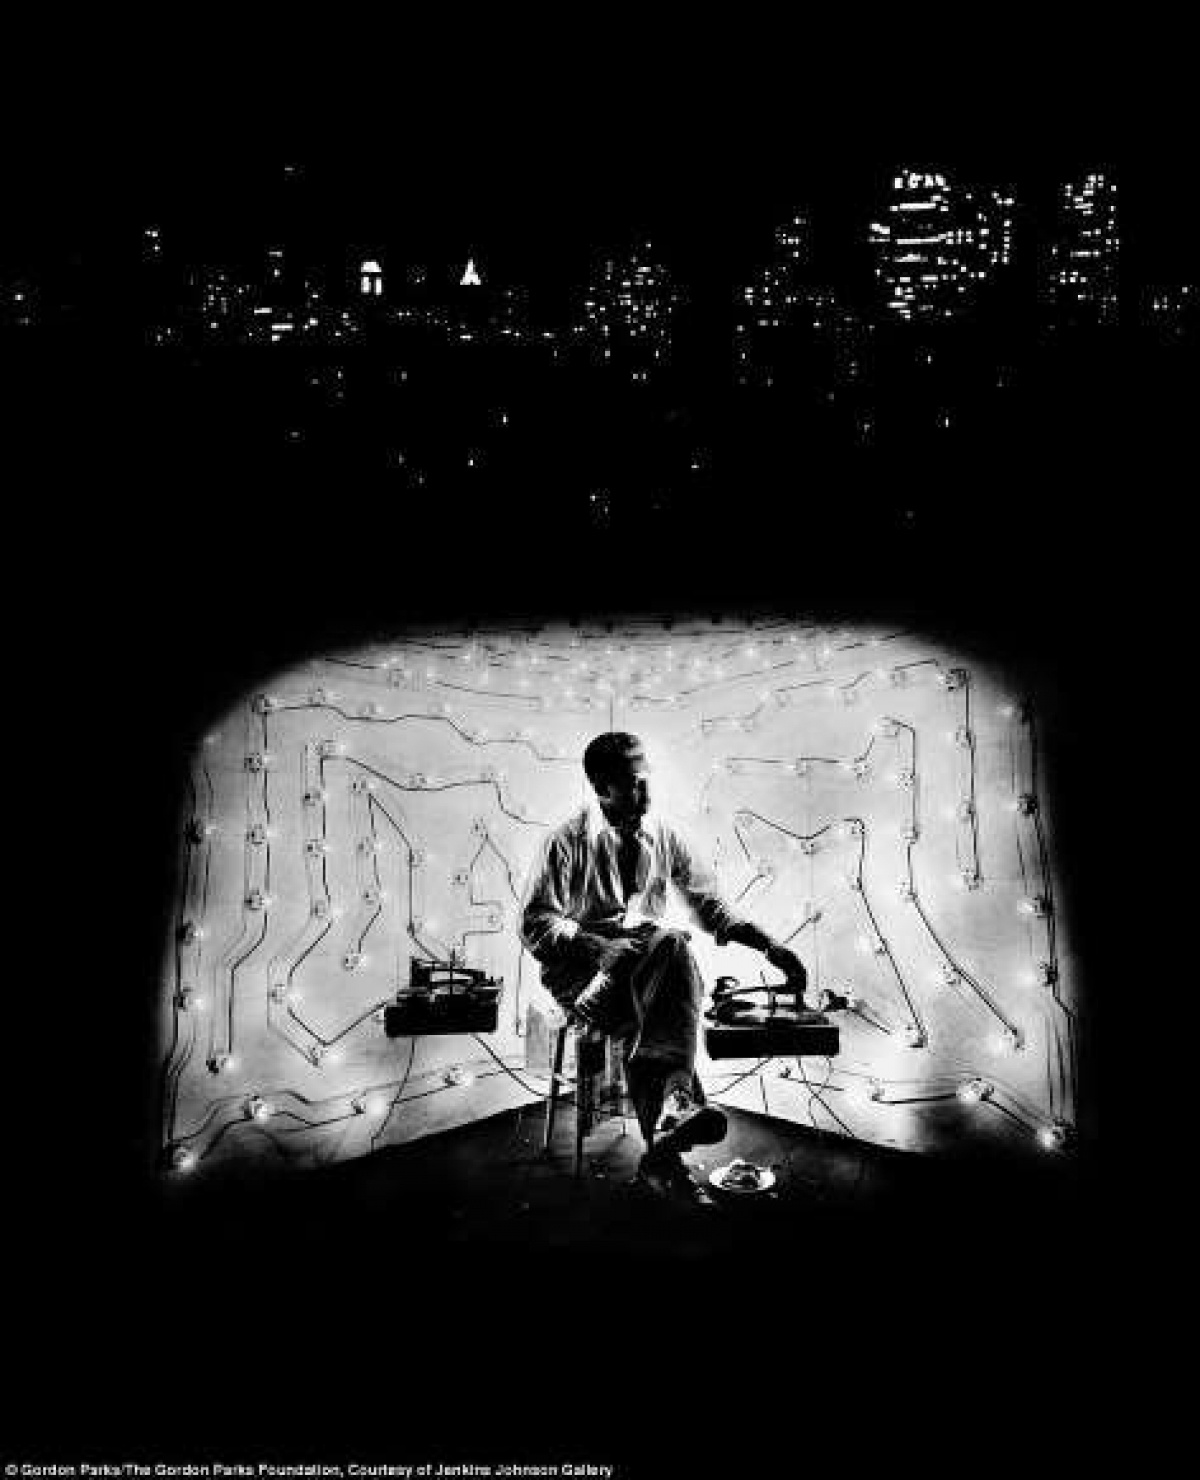 Ông Parks qua đời ở tuổi 93 tại Manhattan vào năm 2006. Những tác phẩm để đời của ông ghi lại chặng đường dài dẫn đến bình đẳng chủng tộc vẫn được tôn vinh trên khắp thế giới./.